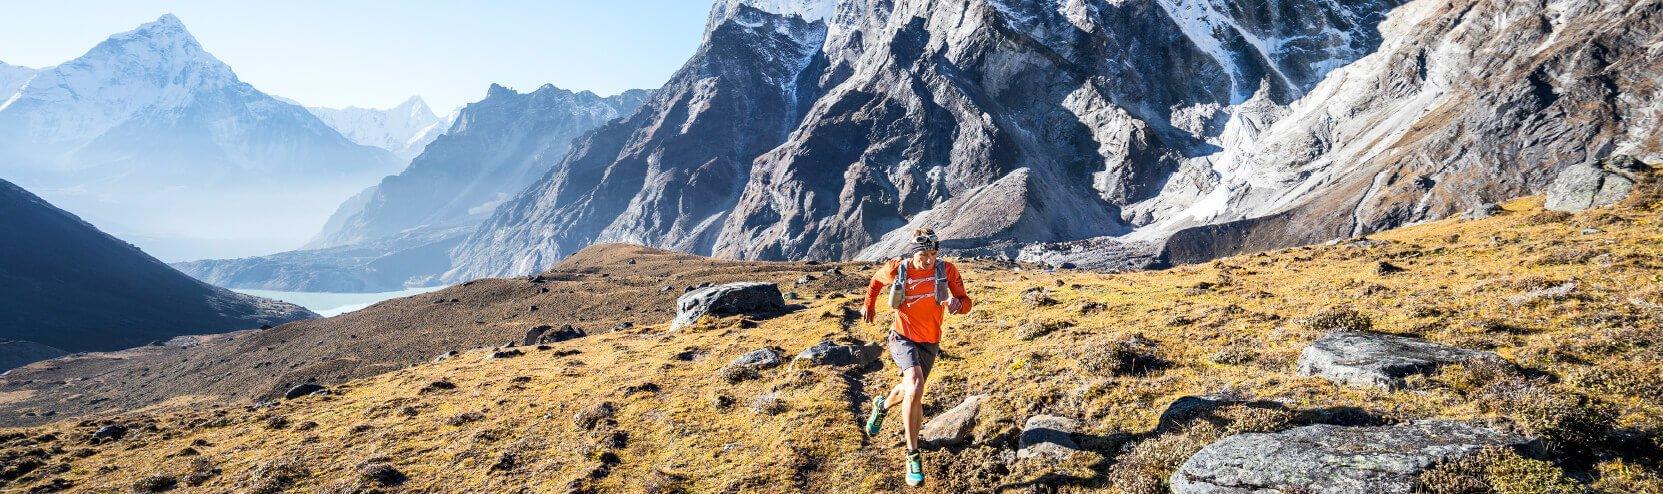 ae6e6fd0a91d Negozio running online, abbigliamento, scarpe running, accessori